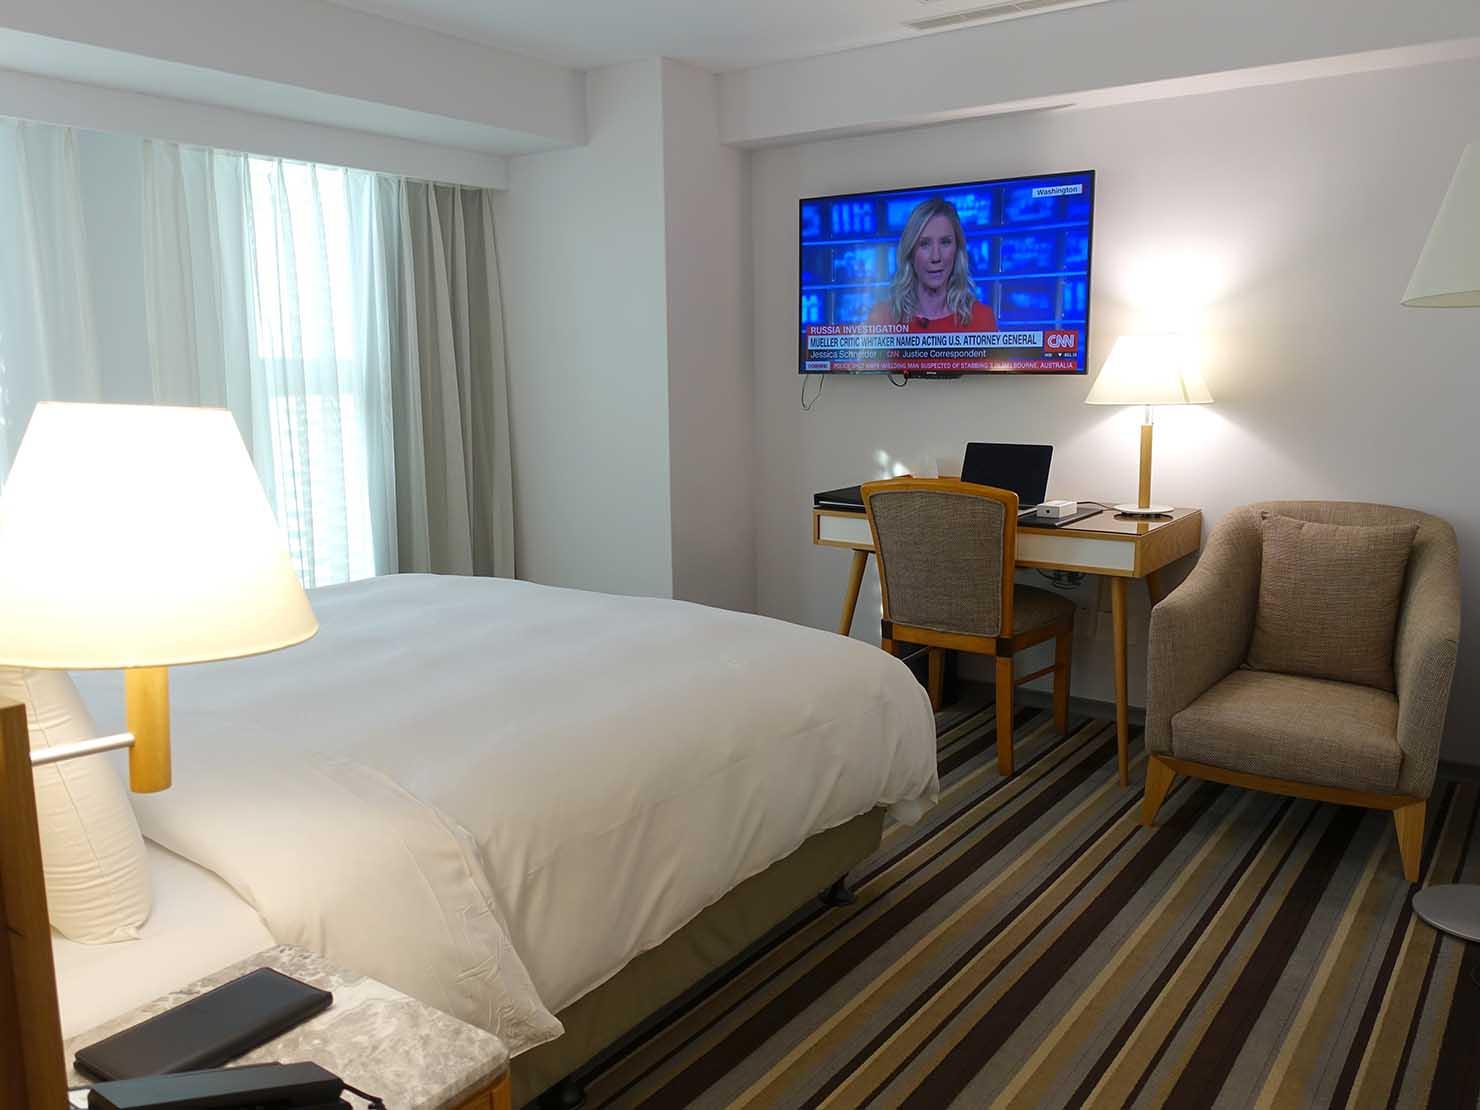 台中のおすすめホテル「卡爾登飯店 The Carlton」玄関側から見るデラックスダブルルーム